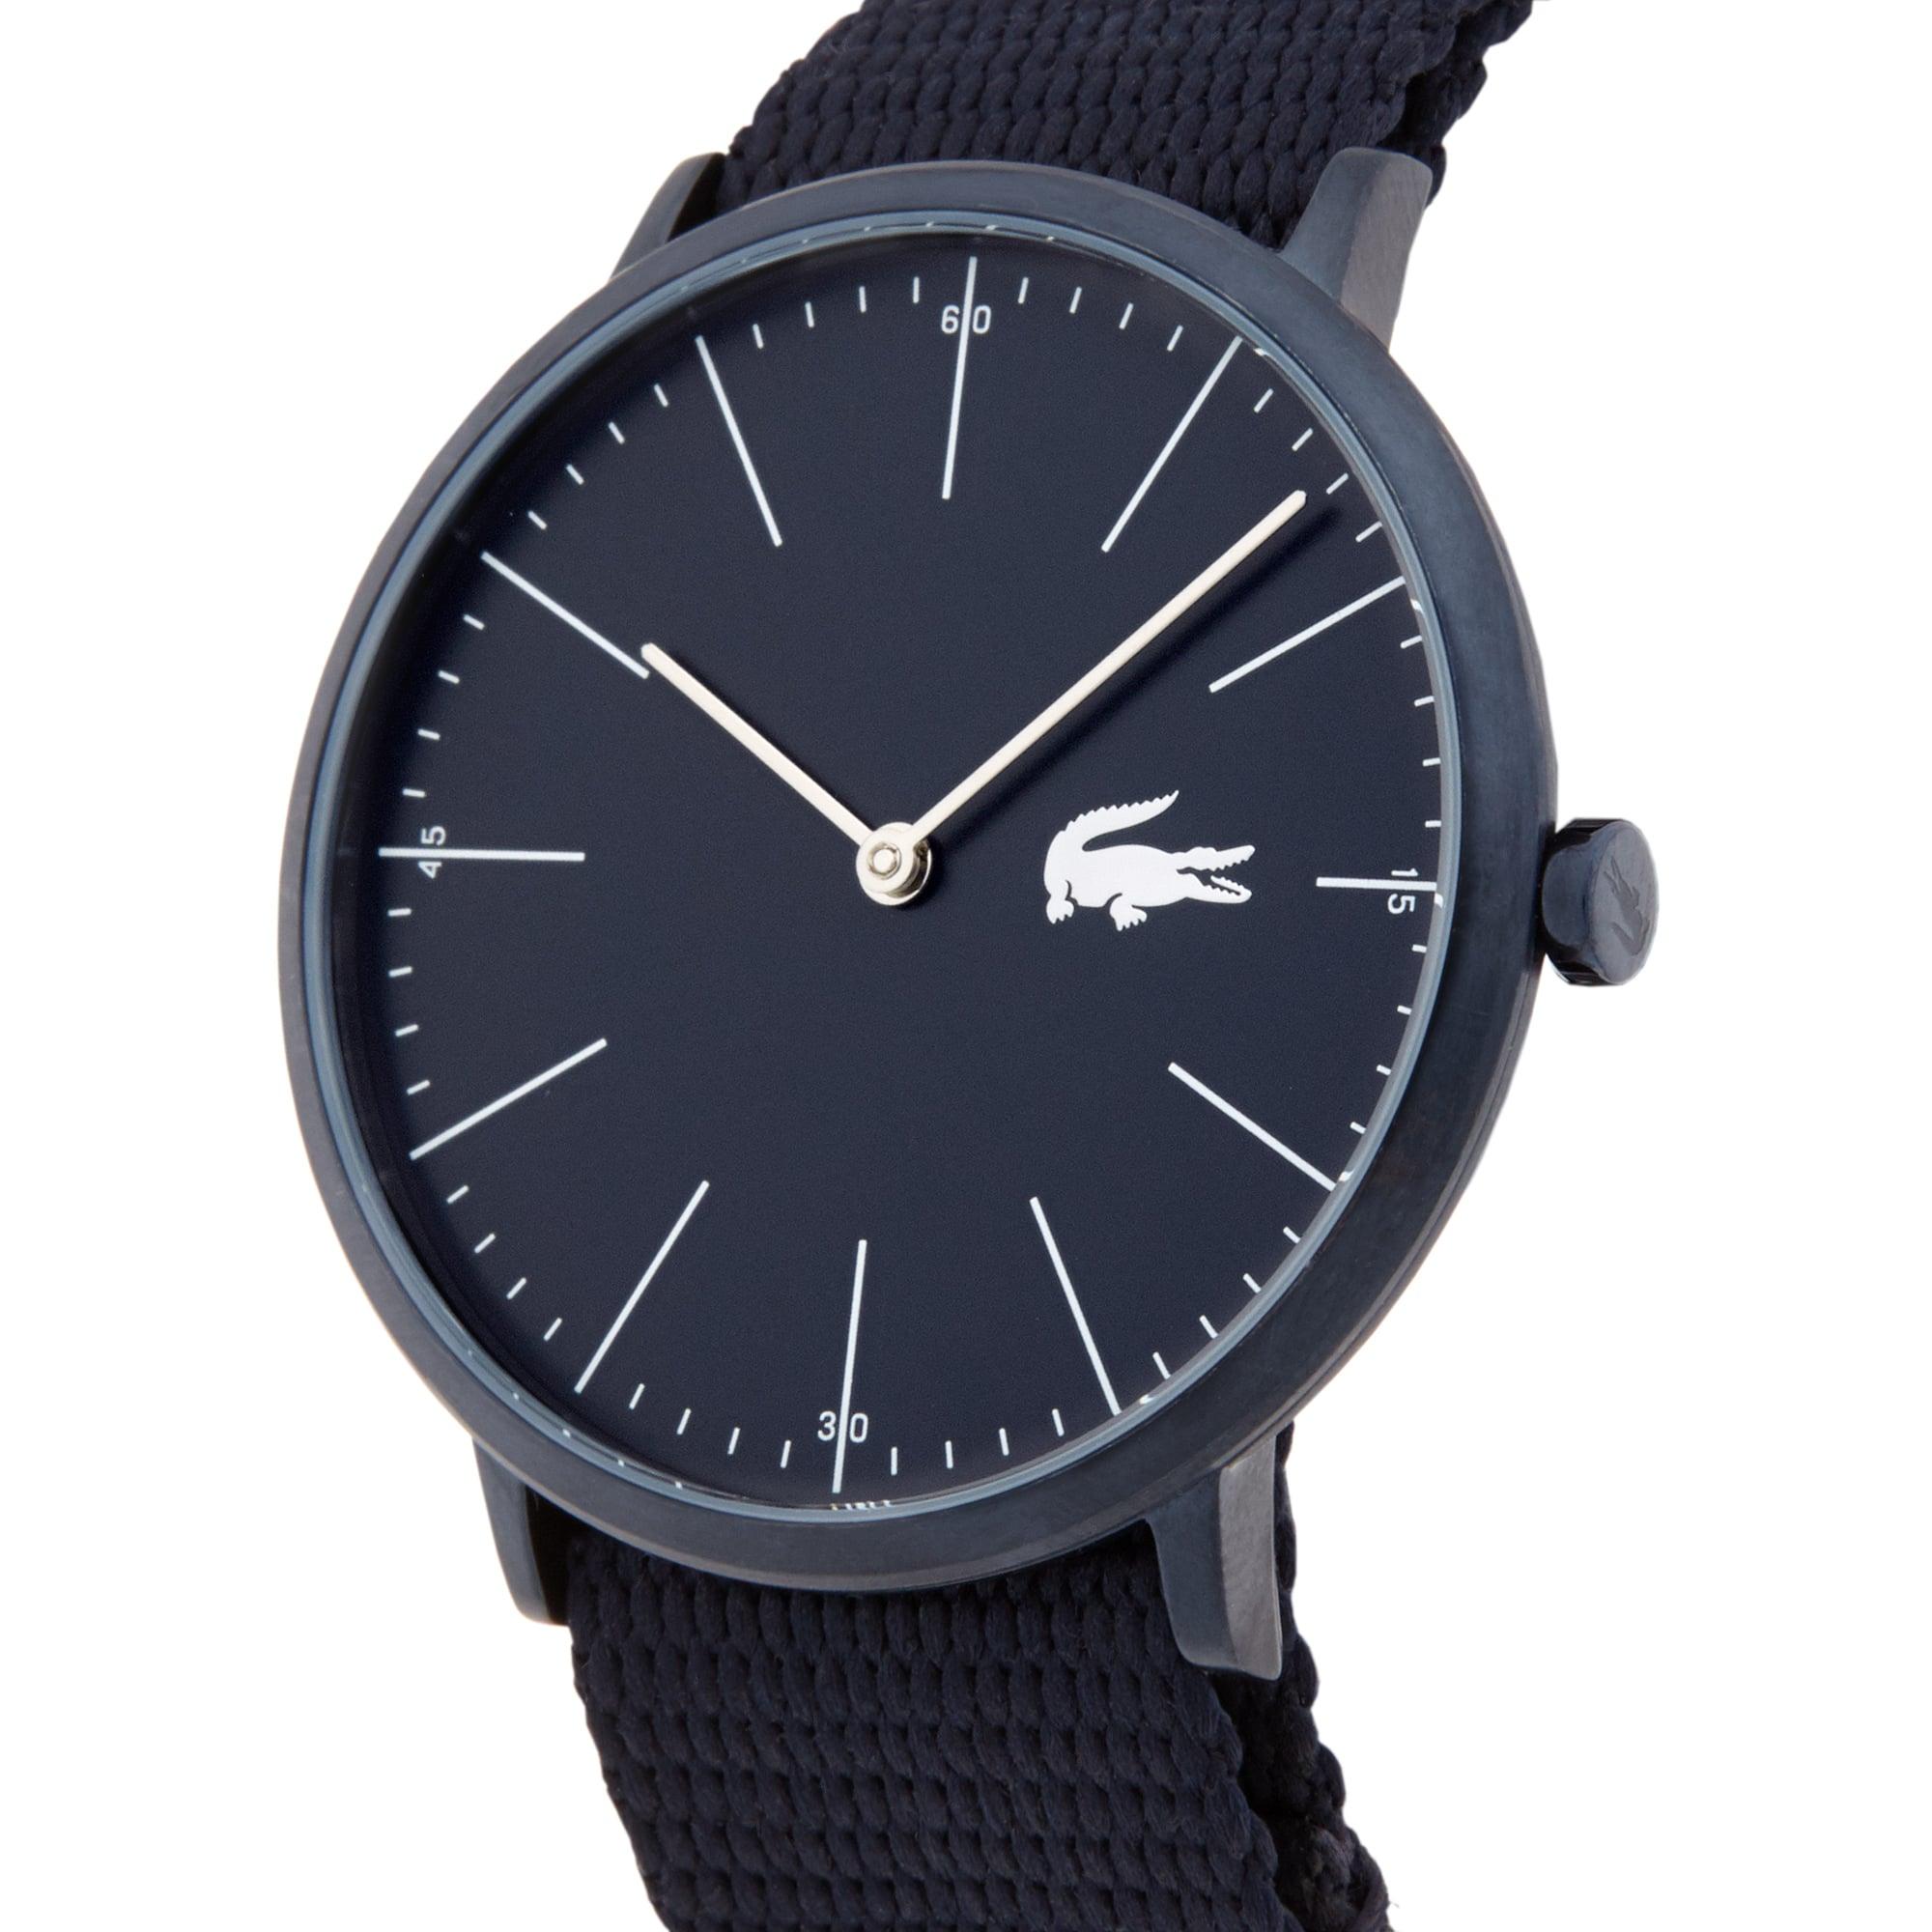 ساعة Moon رجالية مع حزام أسود من القماش